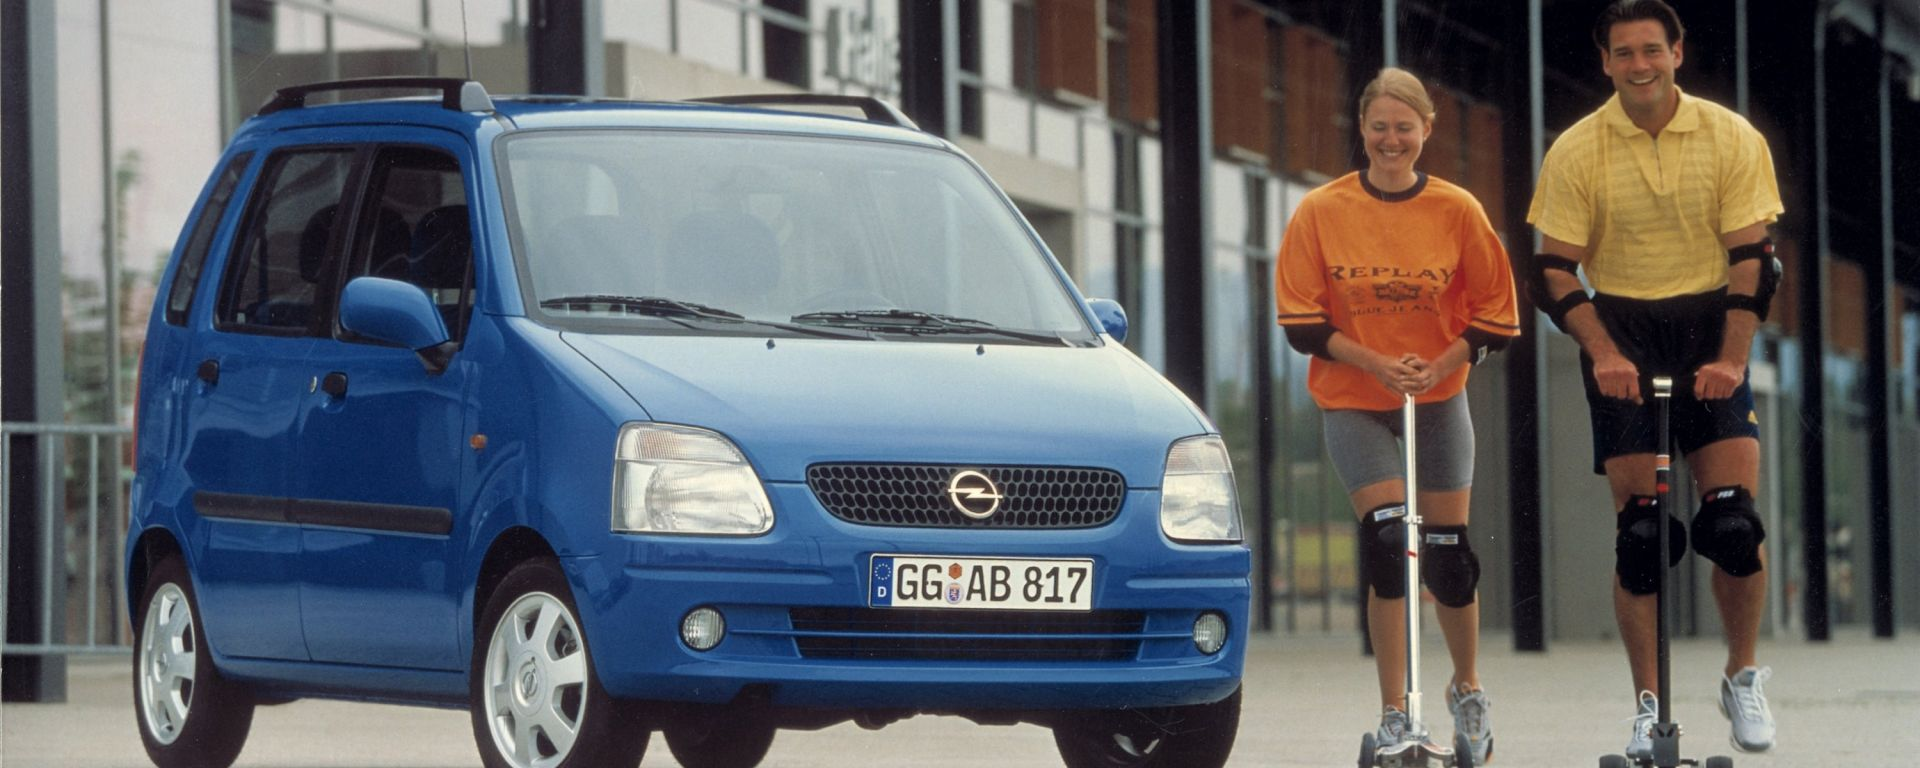 Opel Agila ha venduto in Italia più di 200.000 unità